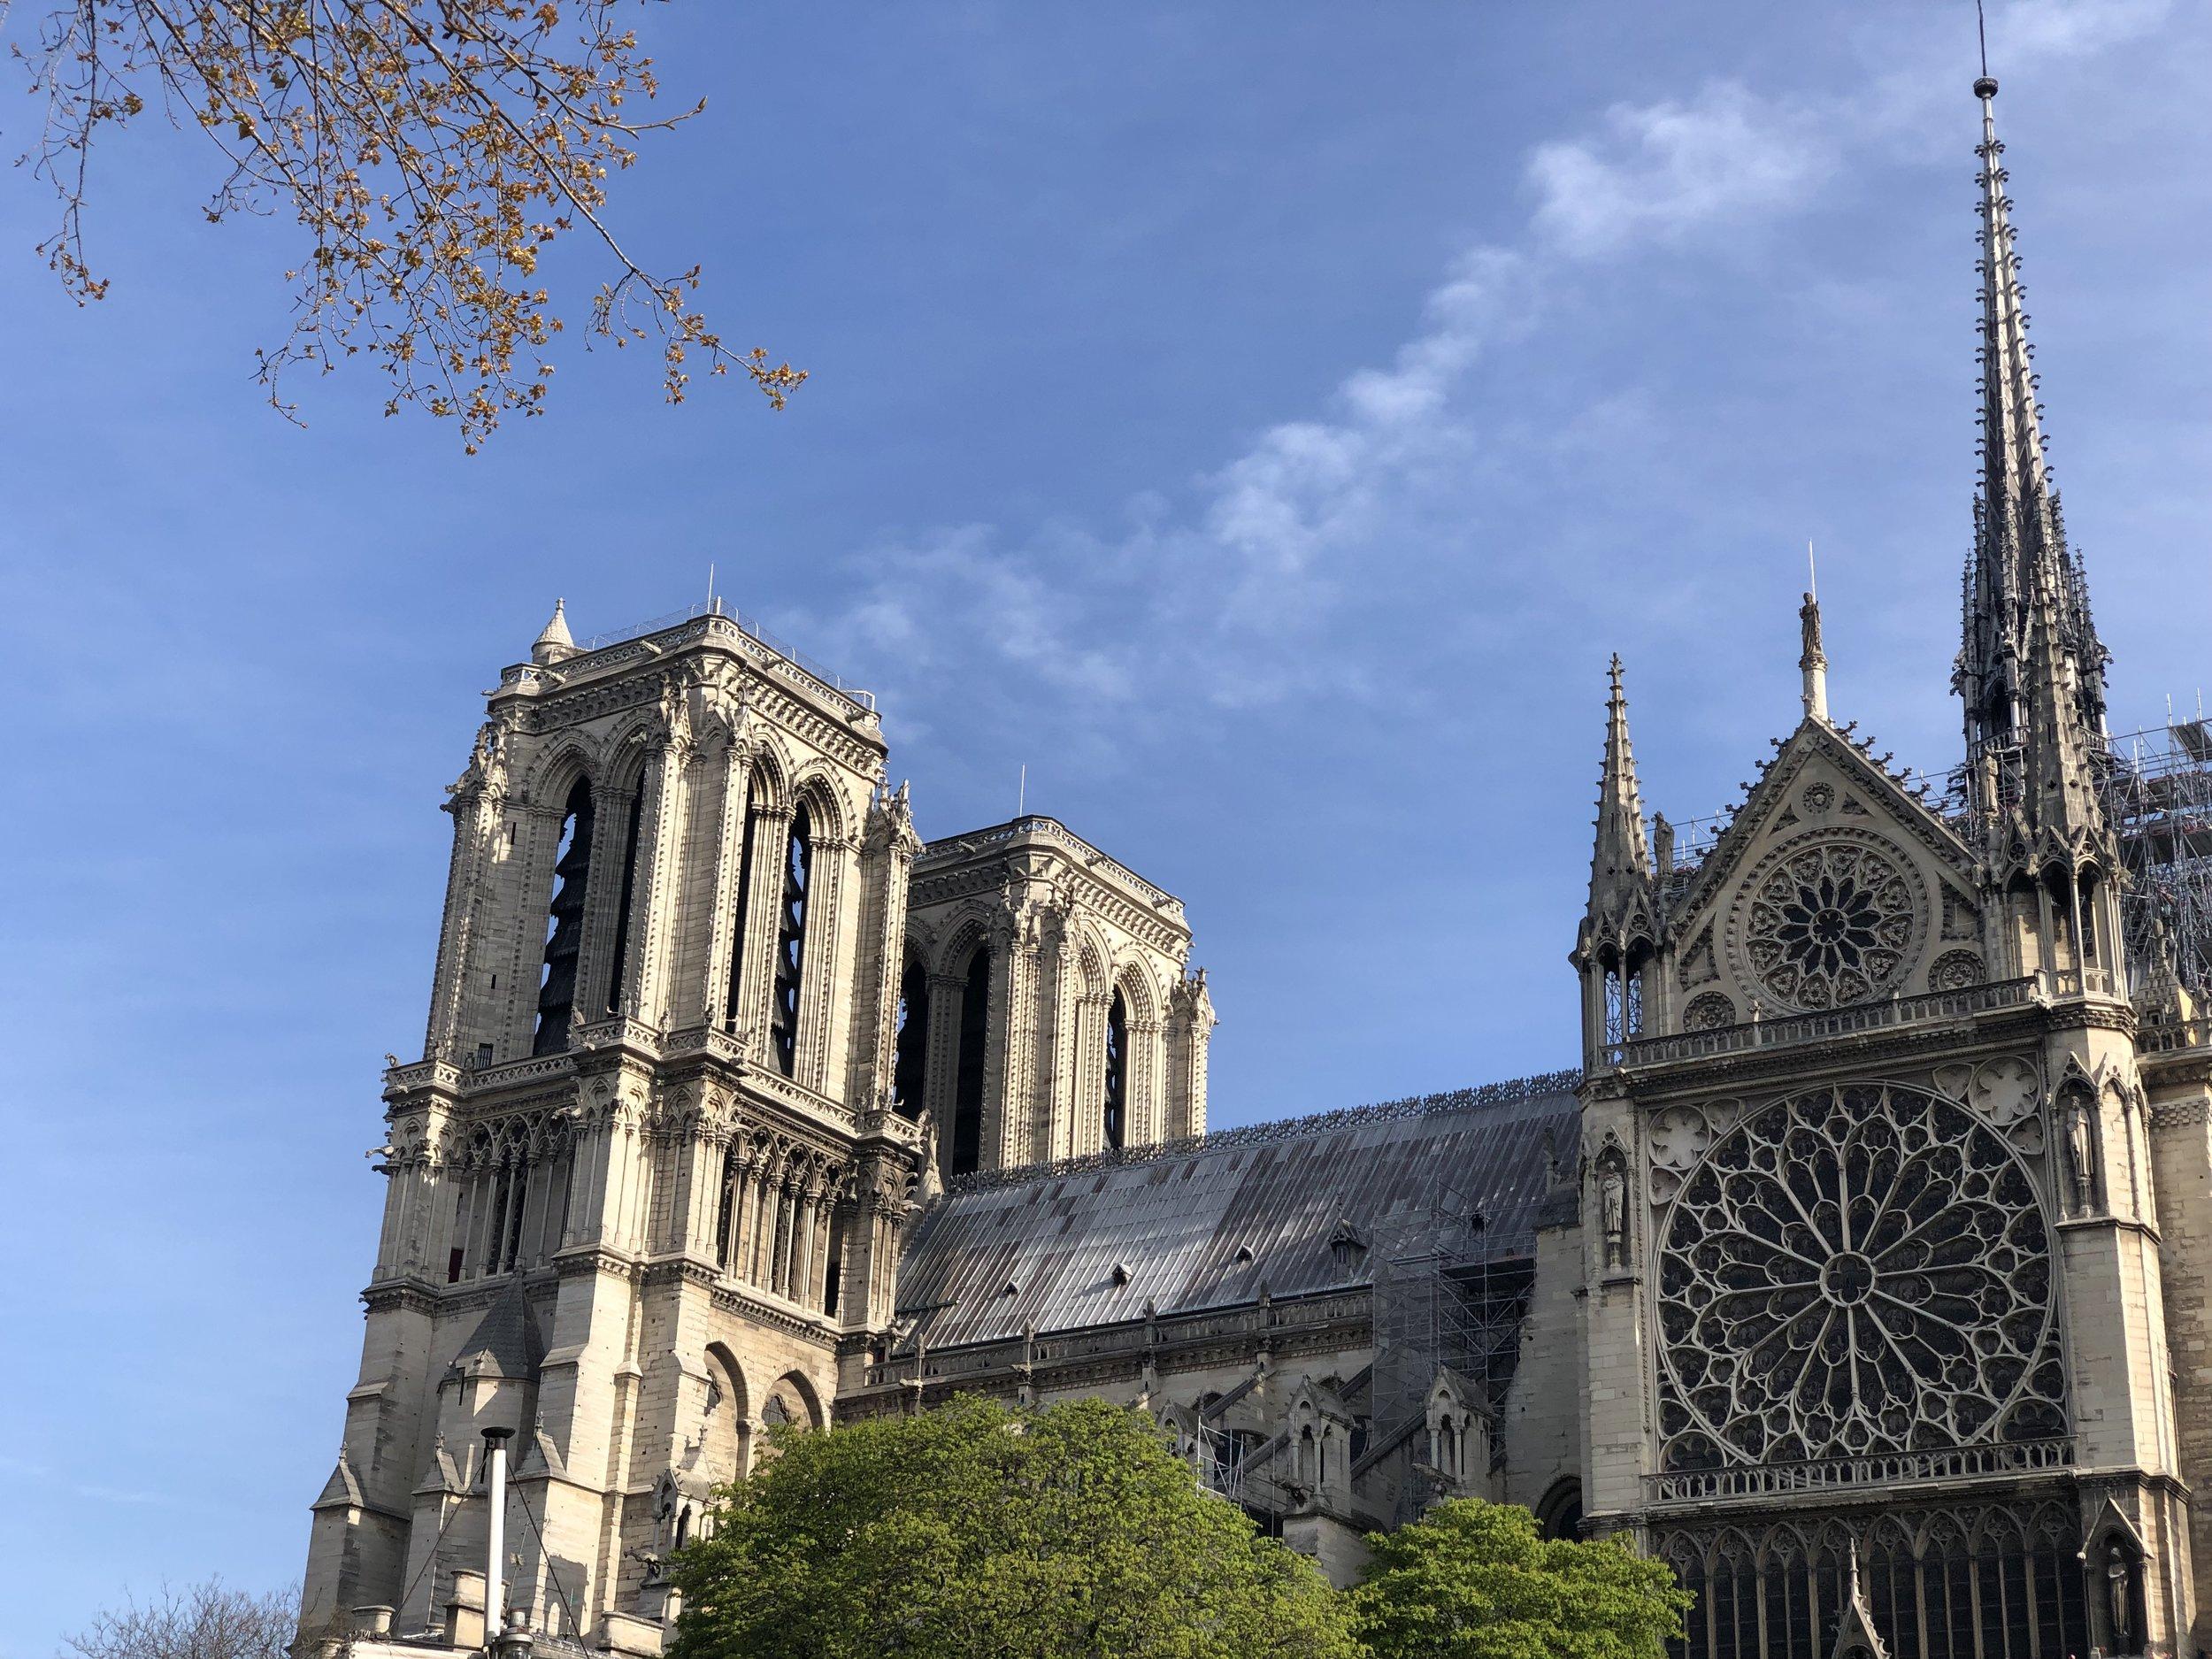 Notre Dame, April 6, 2019